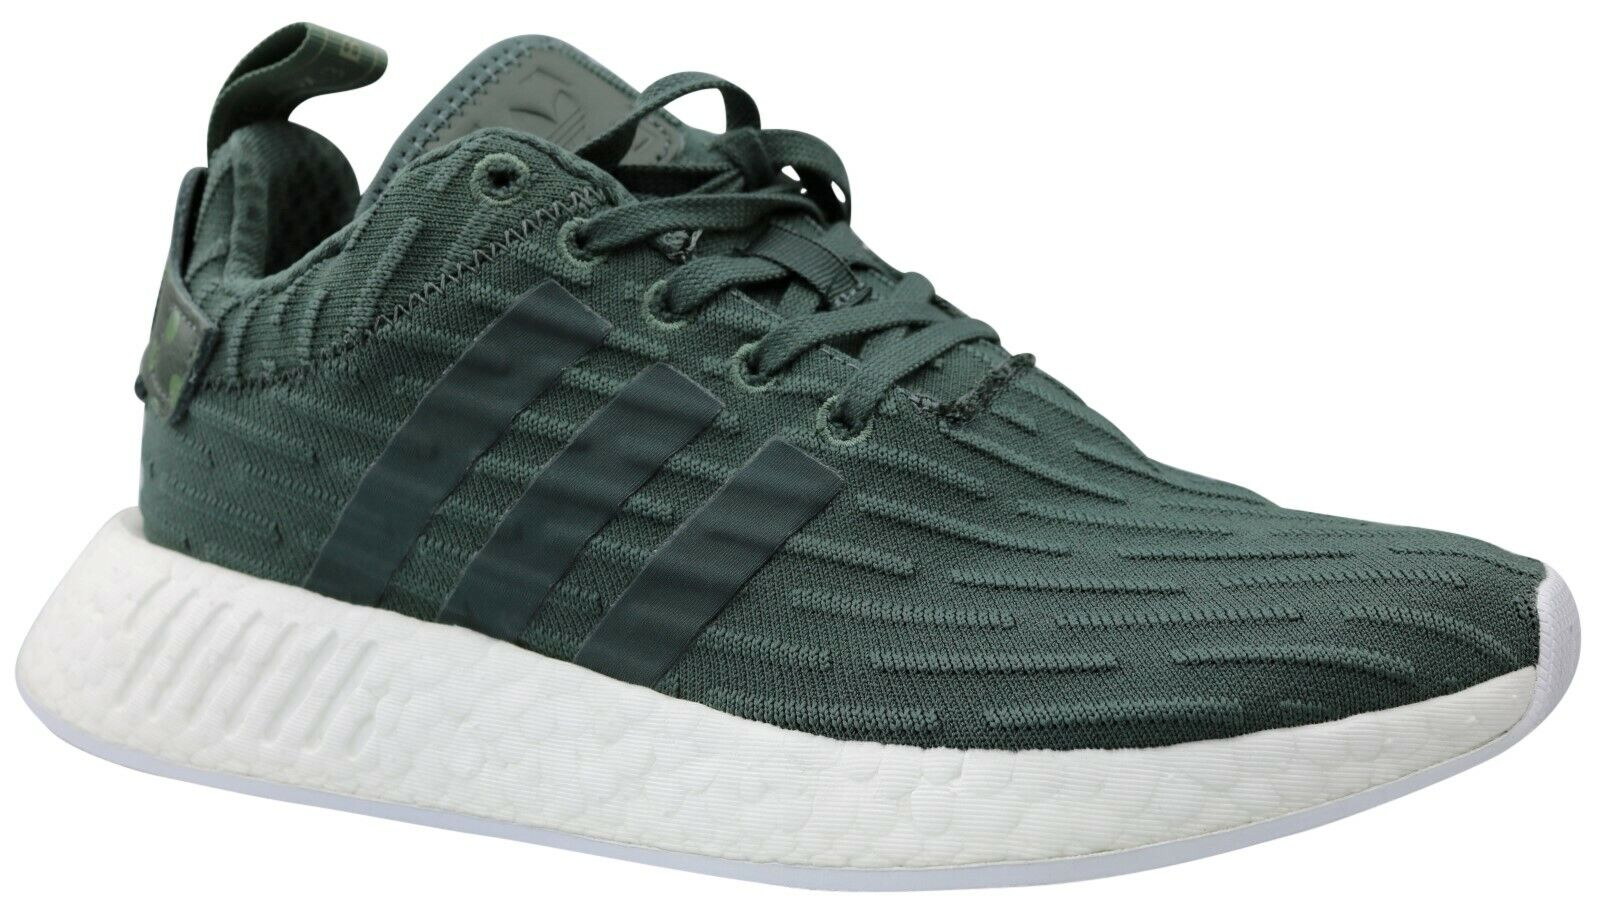 Adidas NMD R2 W Damen Turnschuhe Turnschuhe Schuhe BA7261 grün Gr. 36,5 - 42,5 NEU